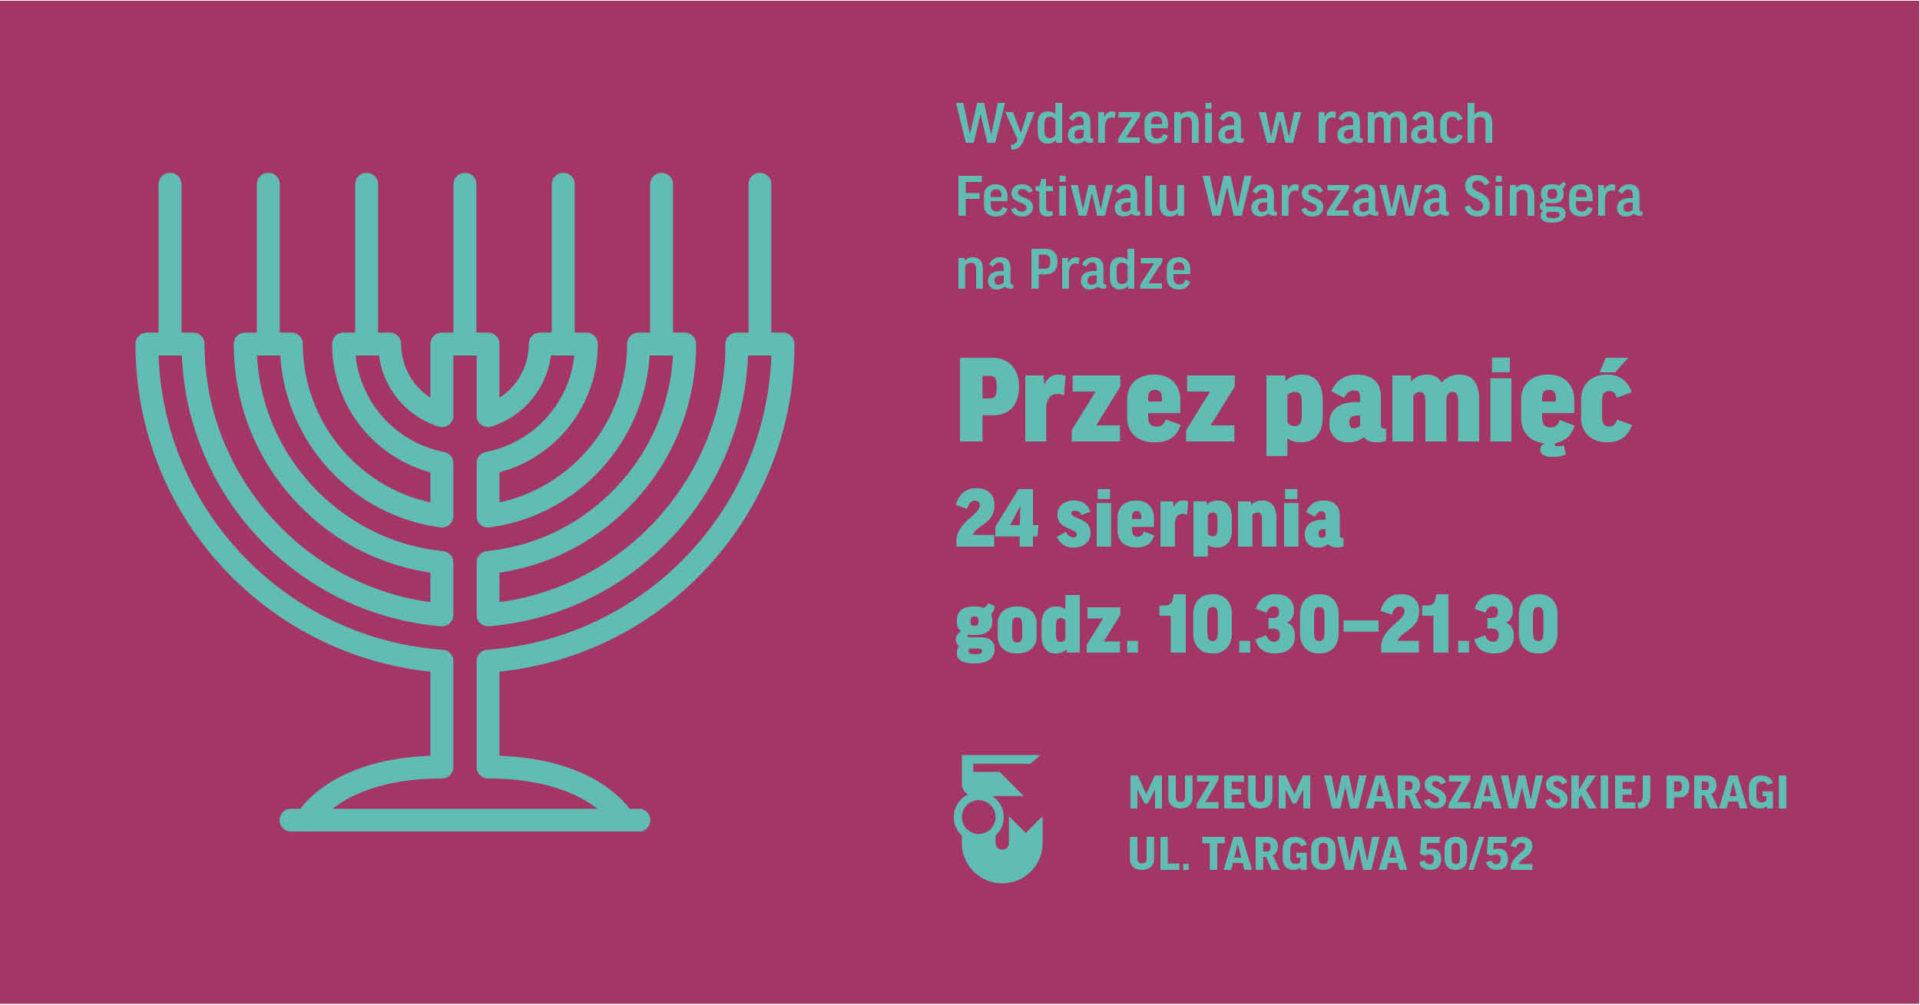 Przezpamięć. Warszawa Singera naPradze